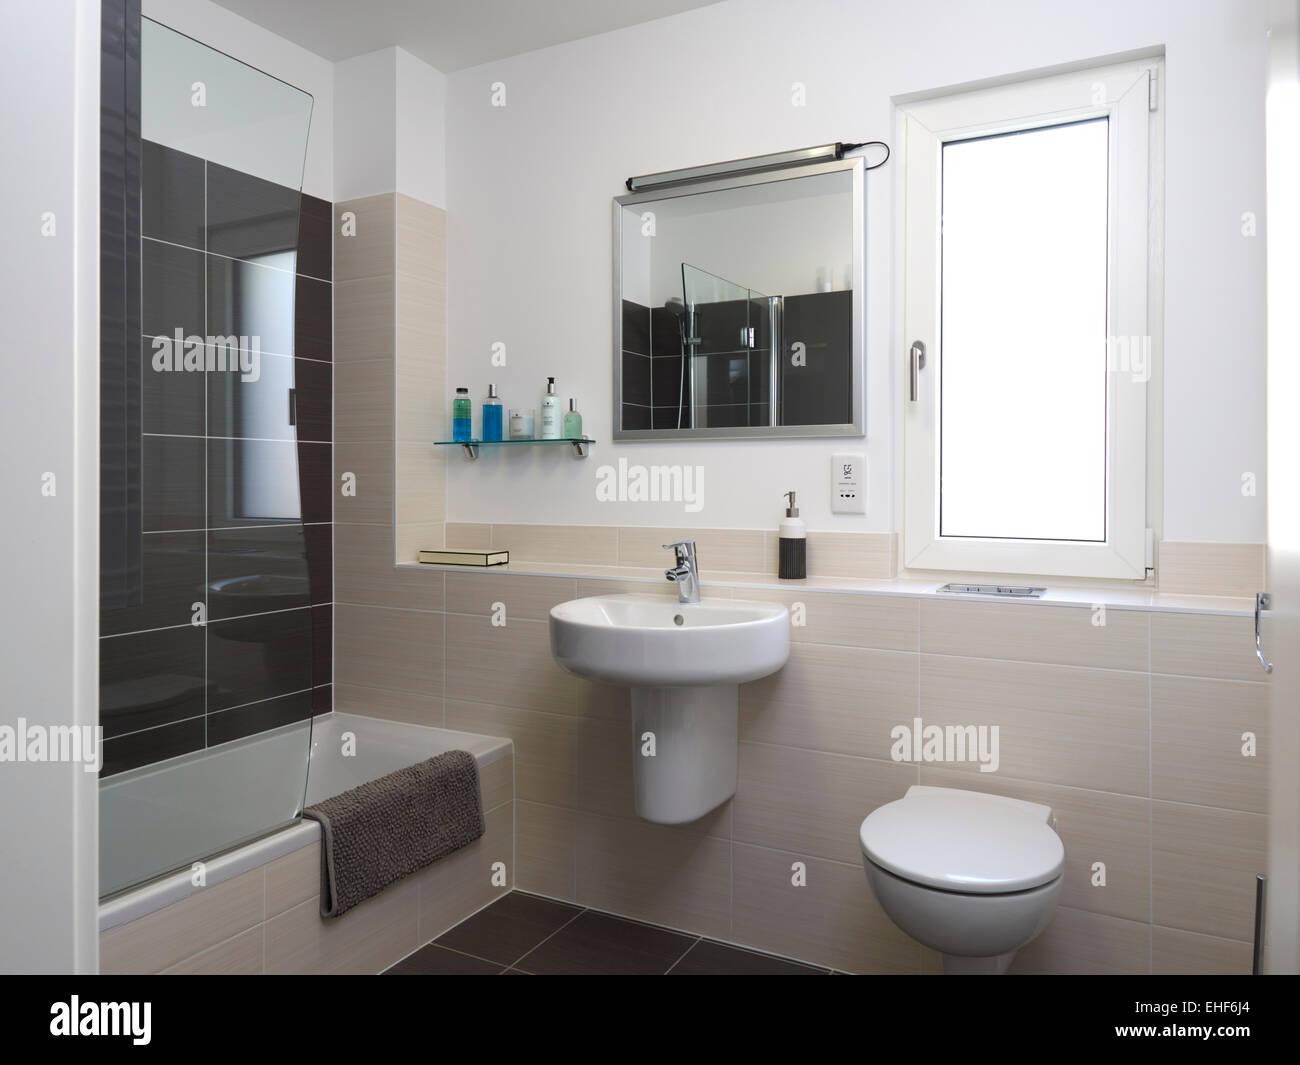 Modernes Grau gefliesten Bad in White Hart House nach Hause, UK ...